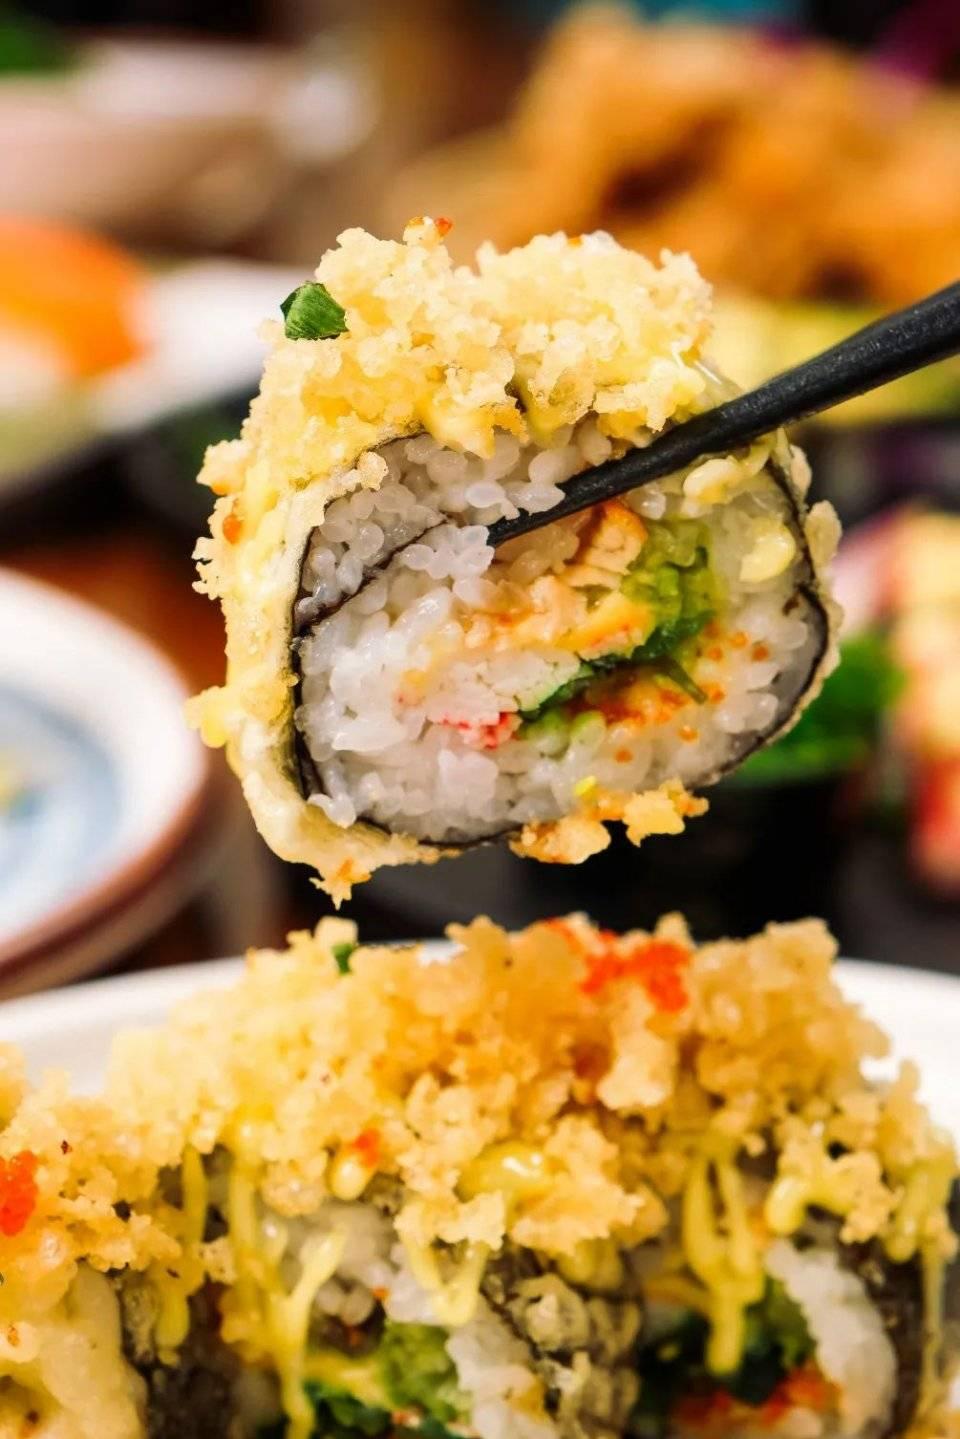 浓到黏唇的汤底,80+款日式小吃,在东方新天地 增肌食谱 第43张